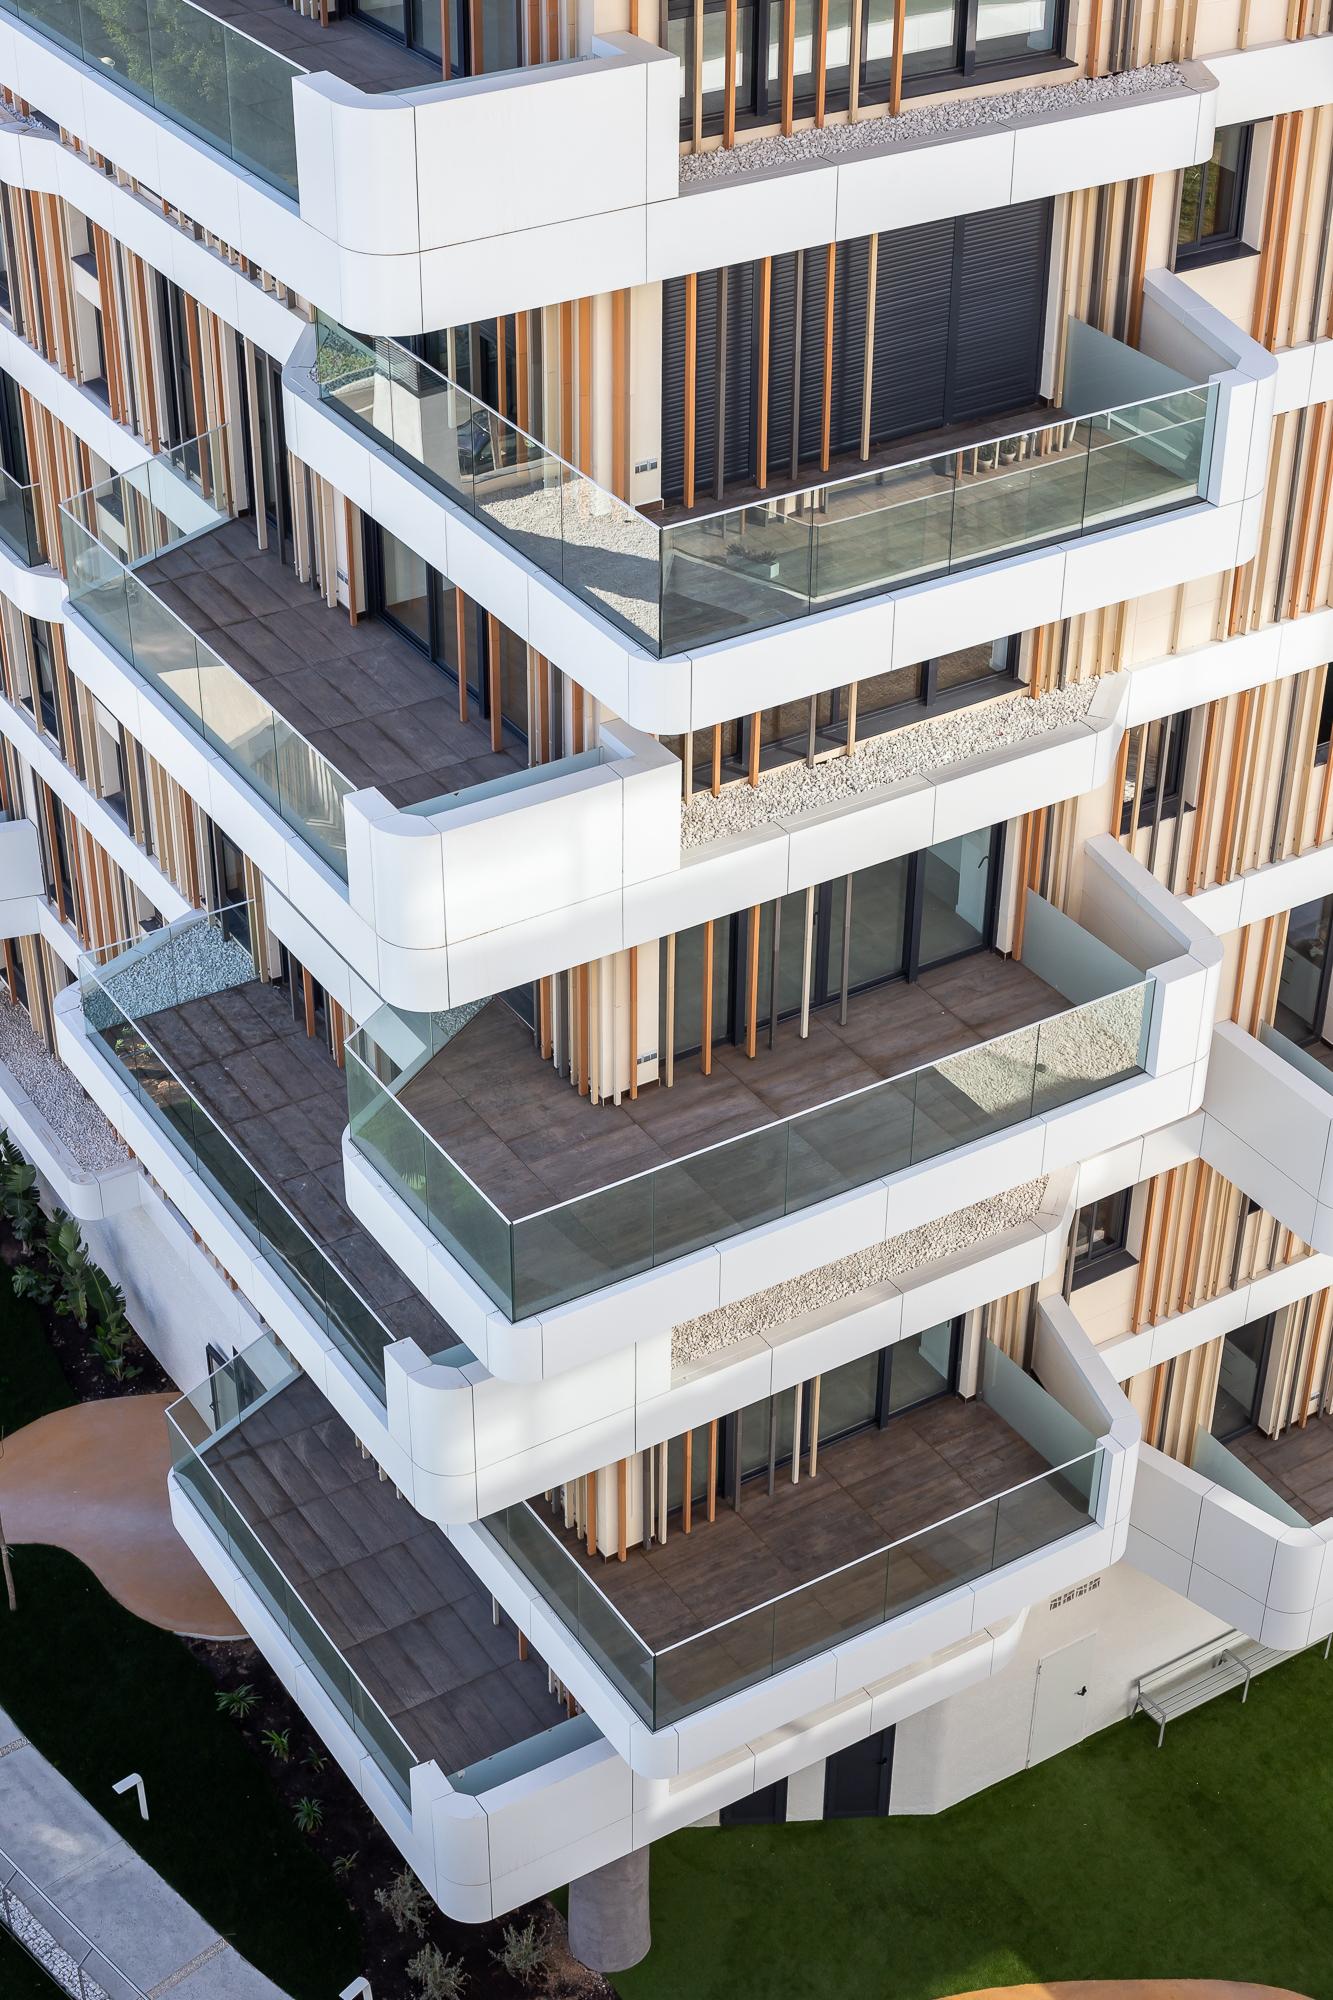 Fotografía detalle en vista picada de las terrazas del Residencial Nature By Kronos Homes. Destacan las terrazas uniformes, las lamas cerámicas y los anillos de aluminio blanco.